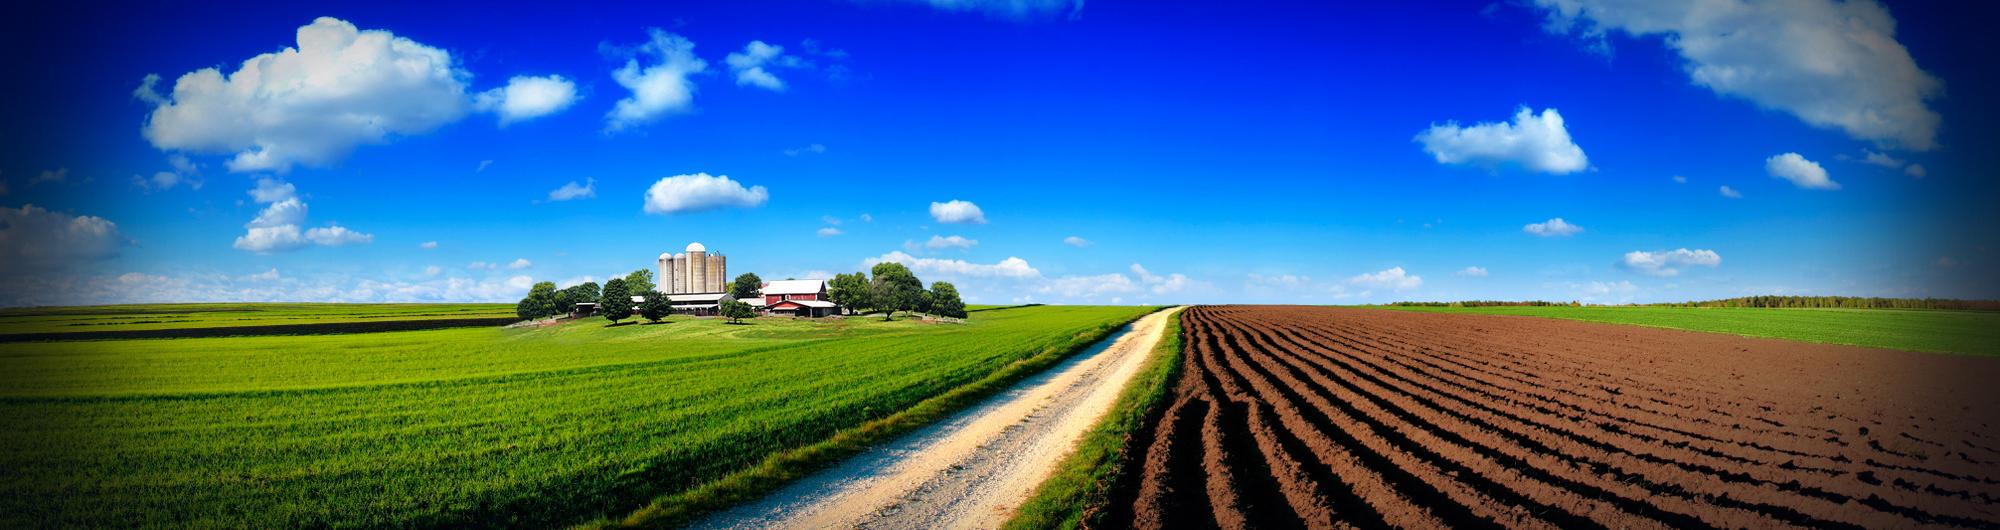 2017OEM_2000x530_Farming